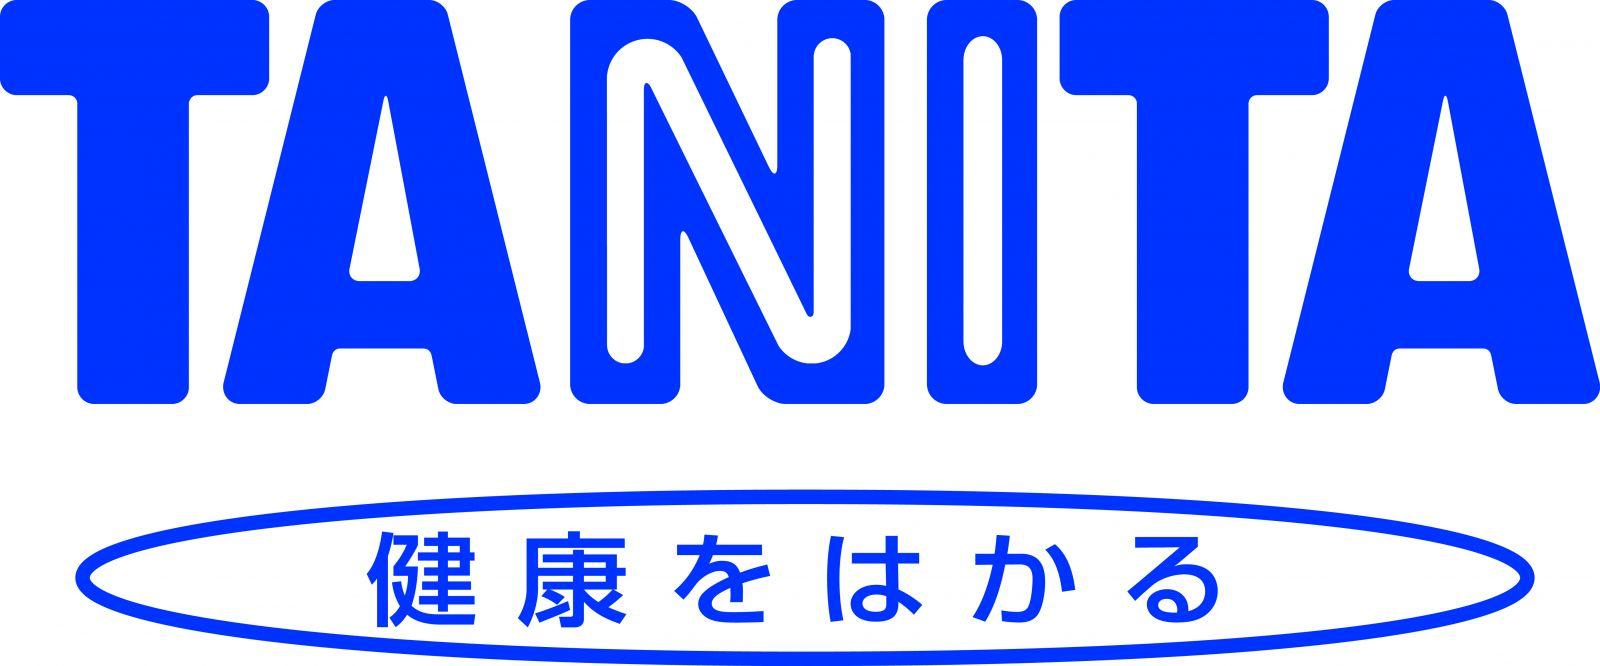 TANITA logo.jpg